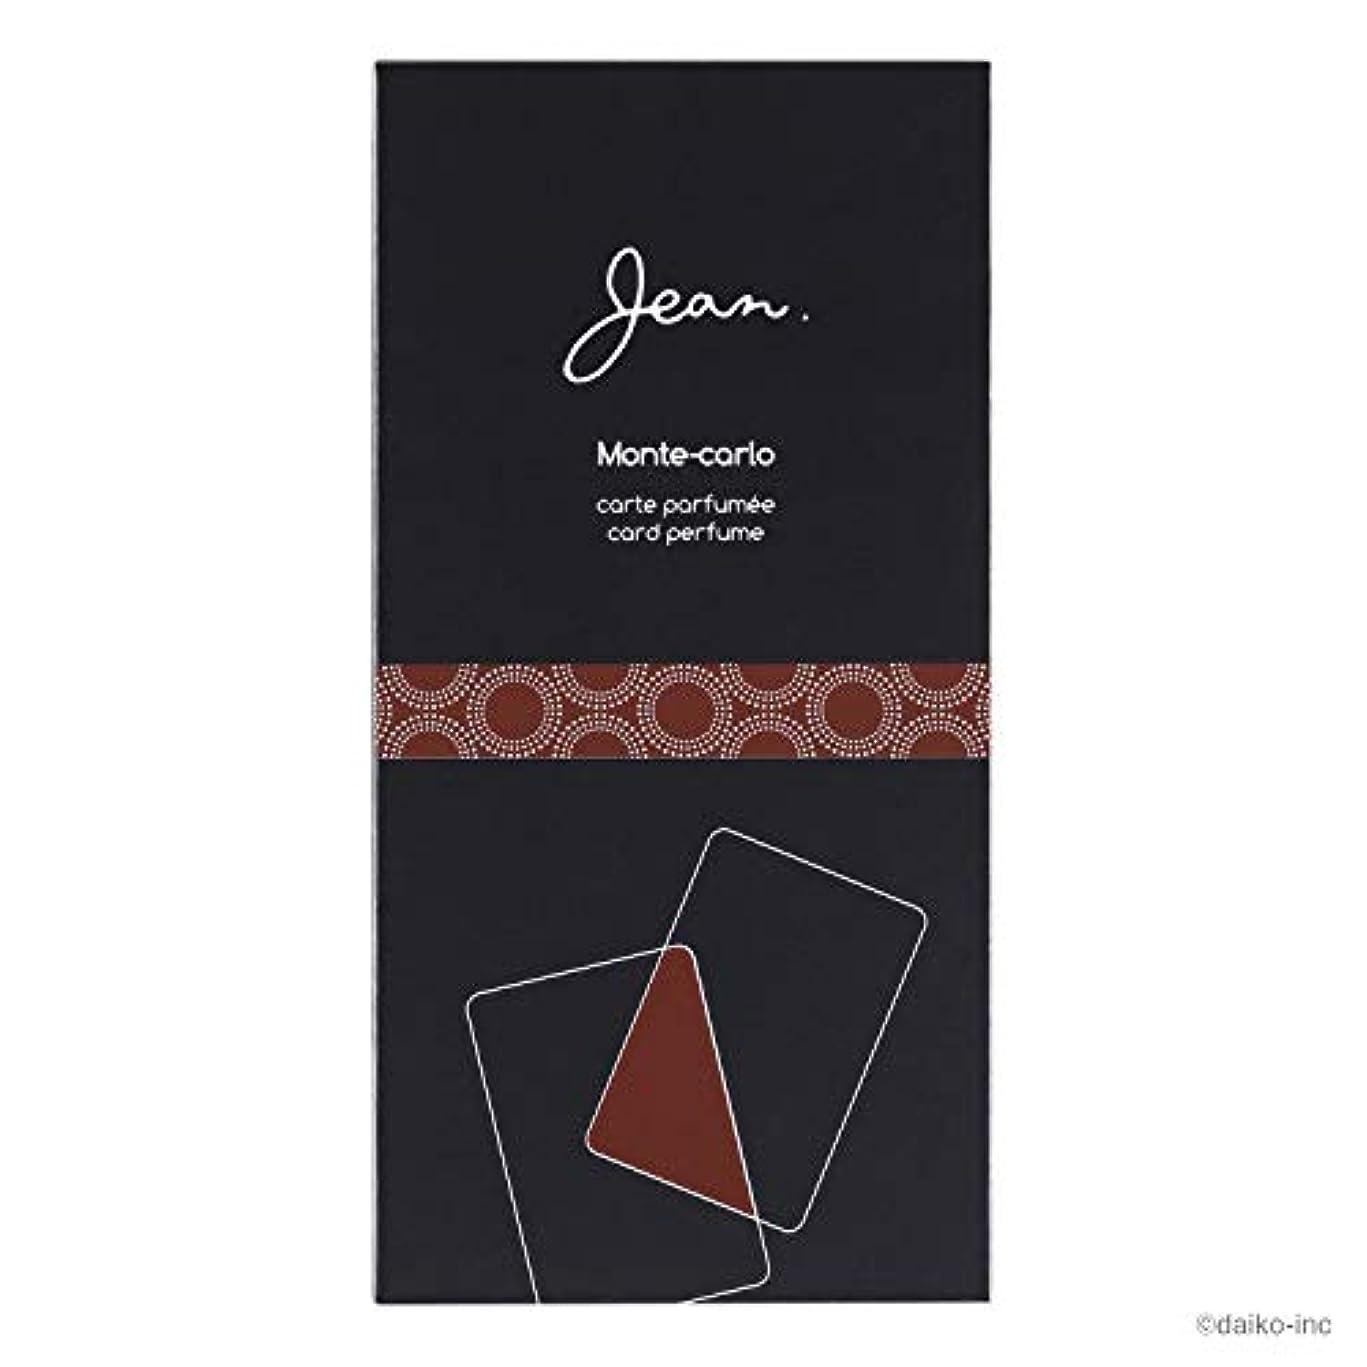 慰めリブレバーJean.カードパフューム モンテカルロ